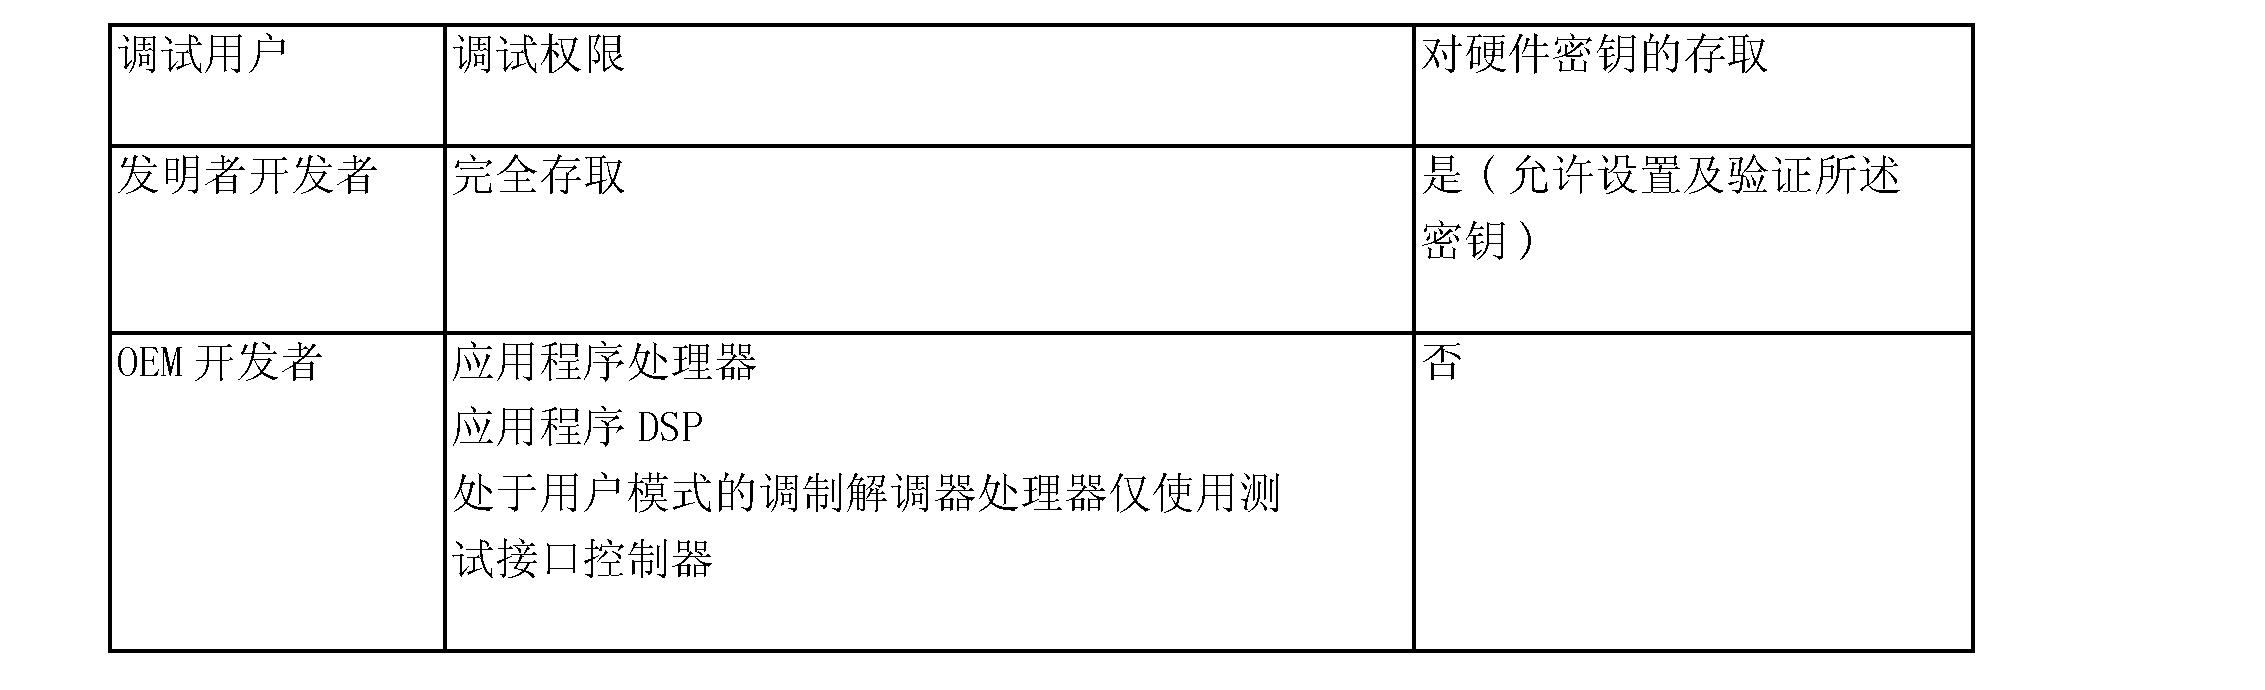 Figure CN101356536BD00101